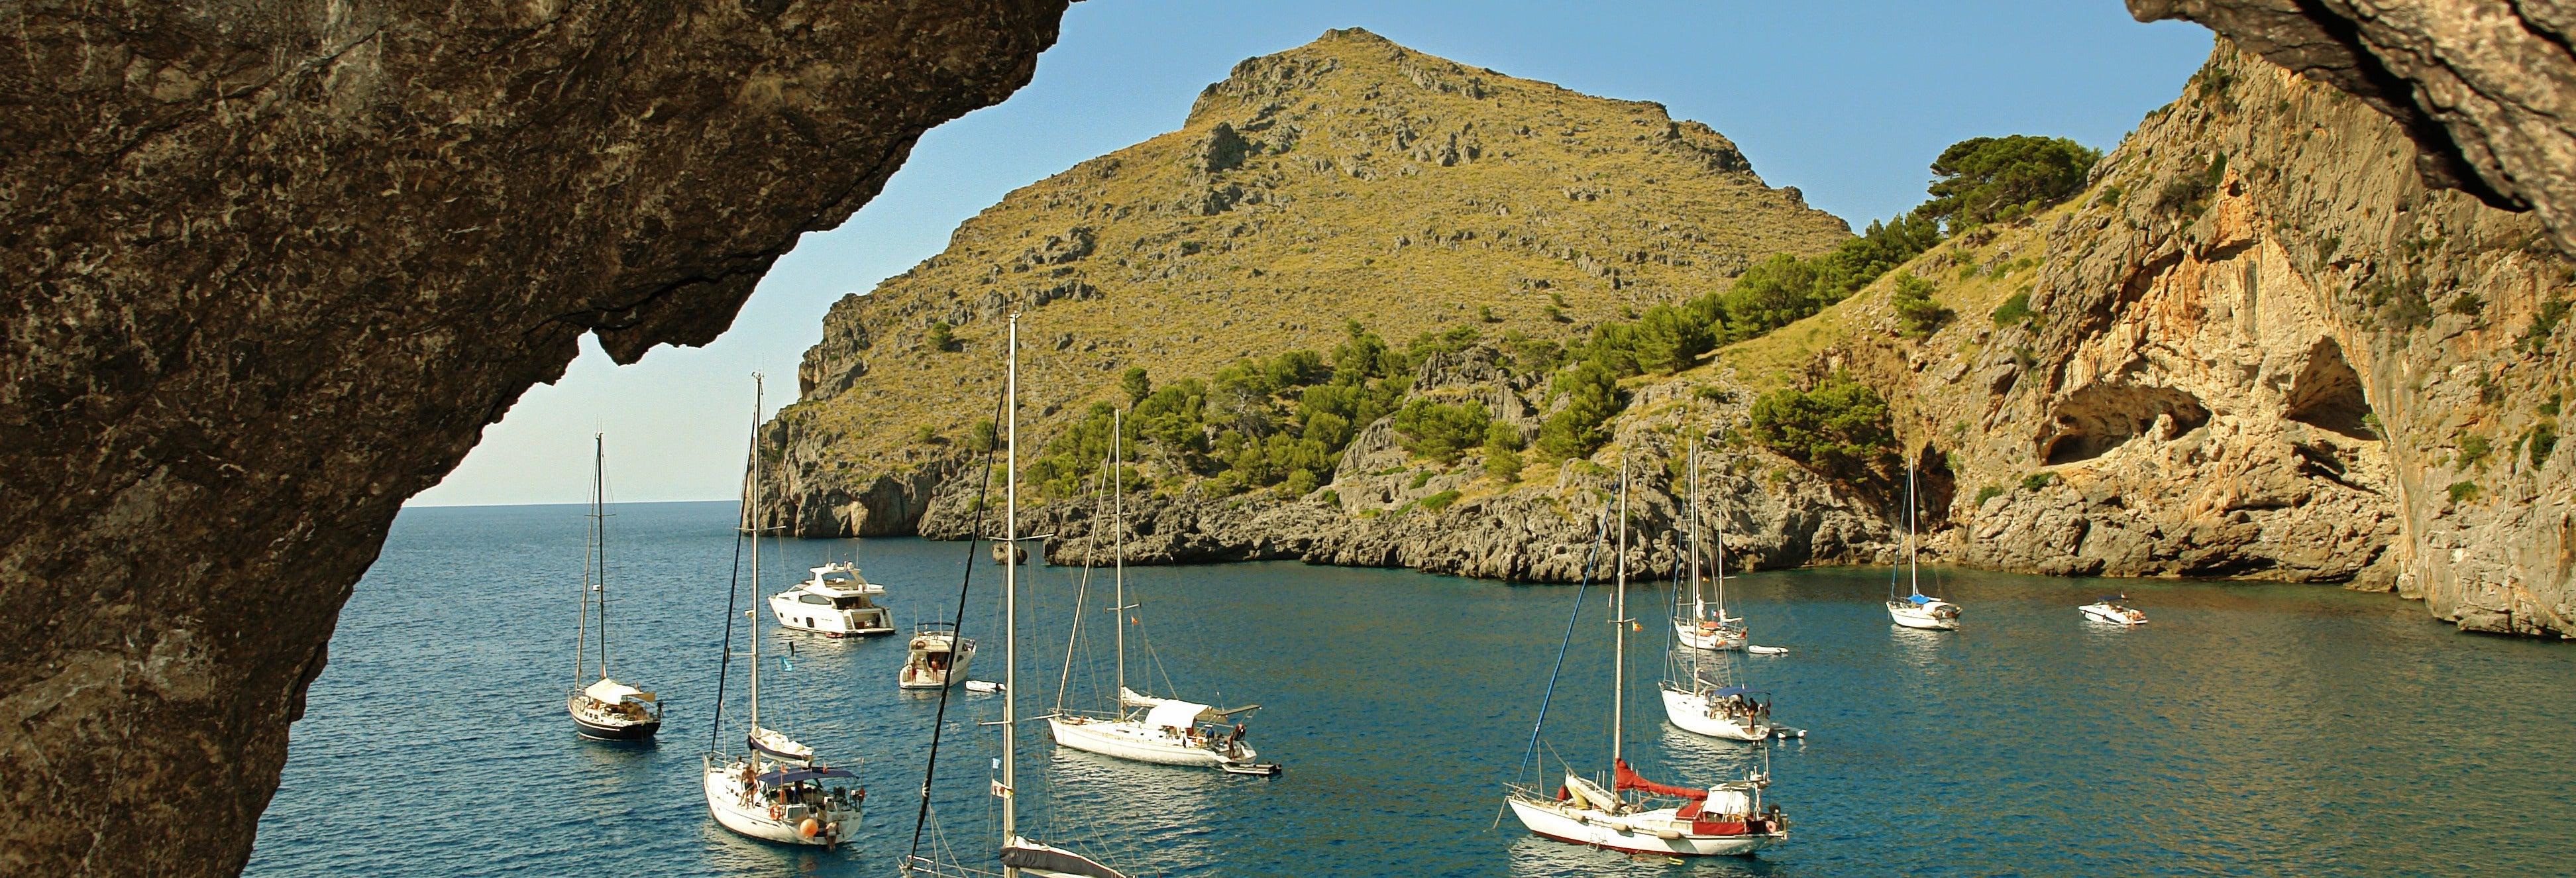 Barco para Sa Calobra saindo de Sóller